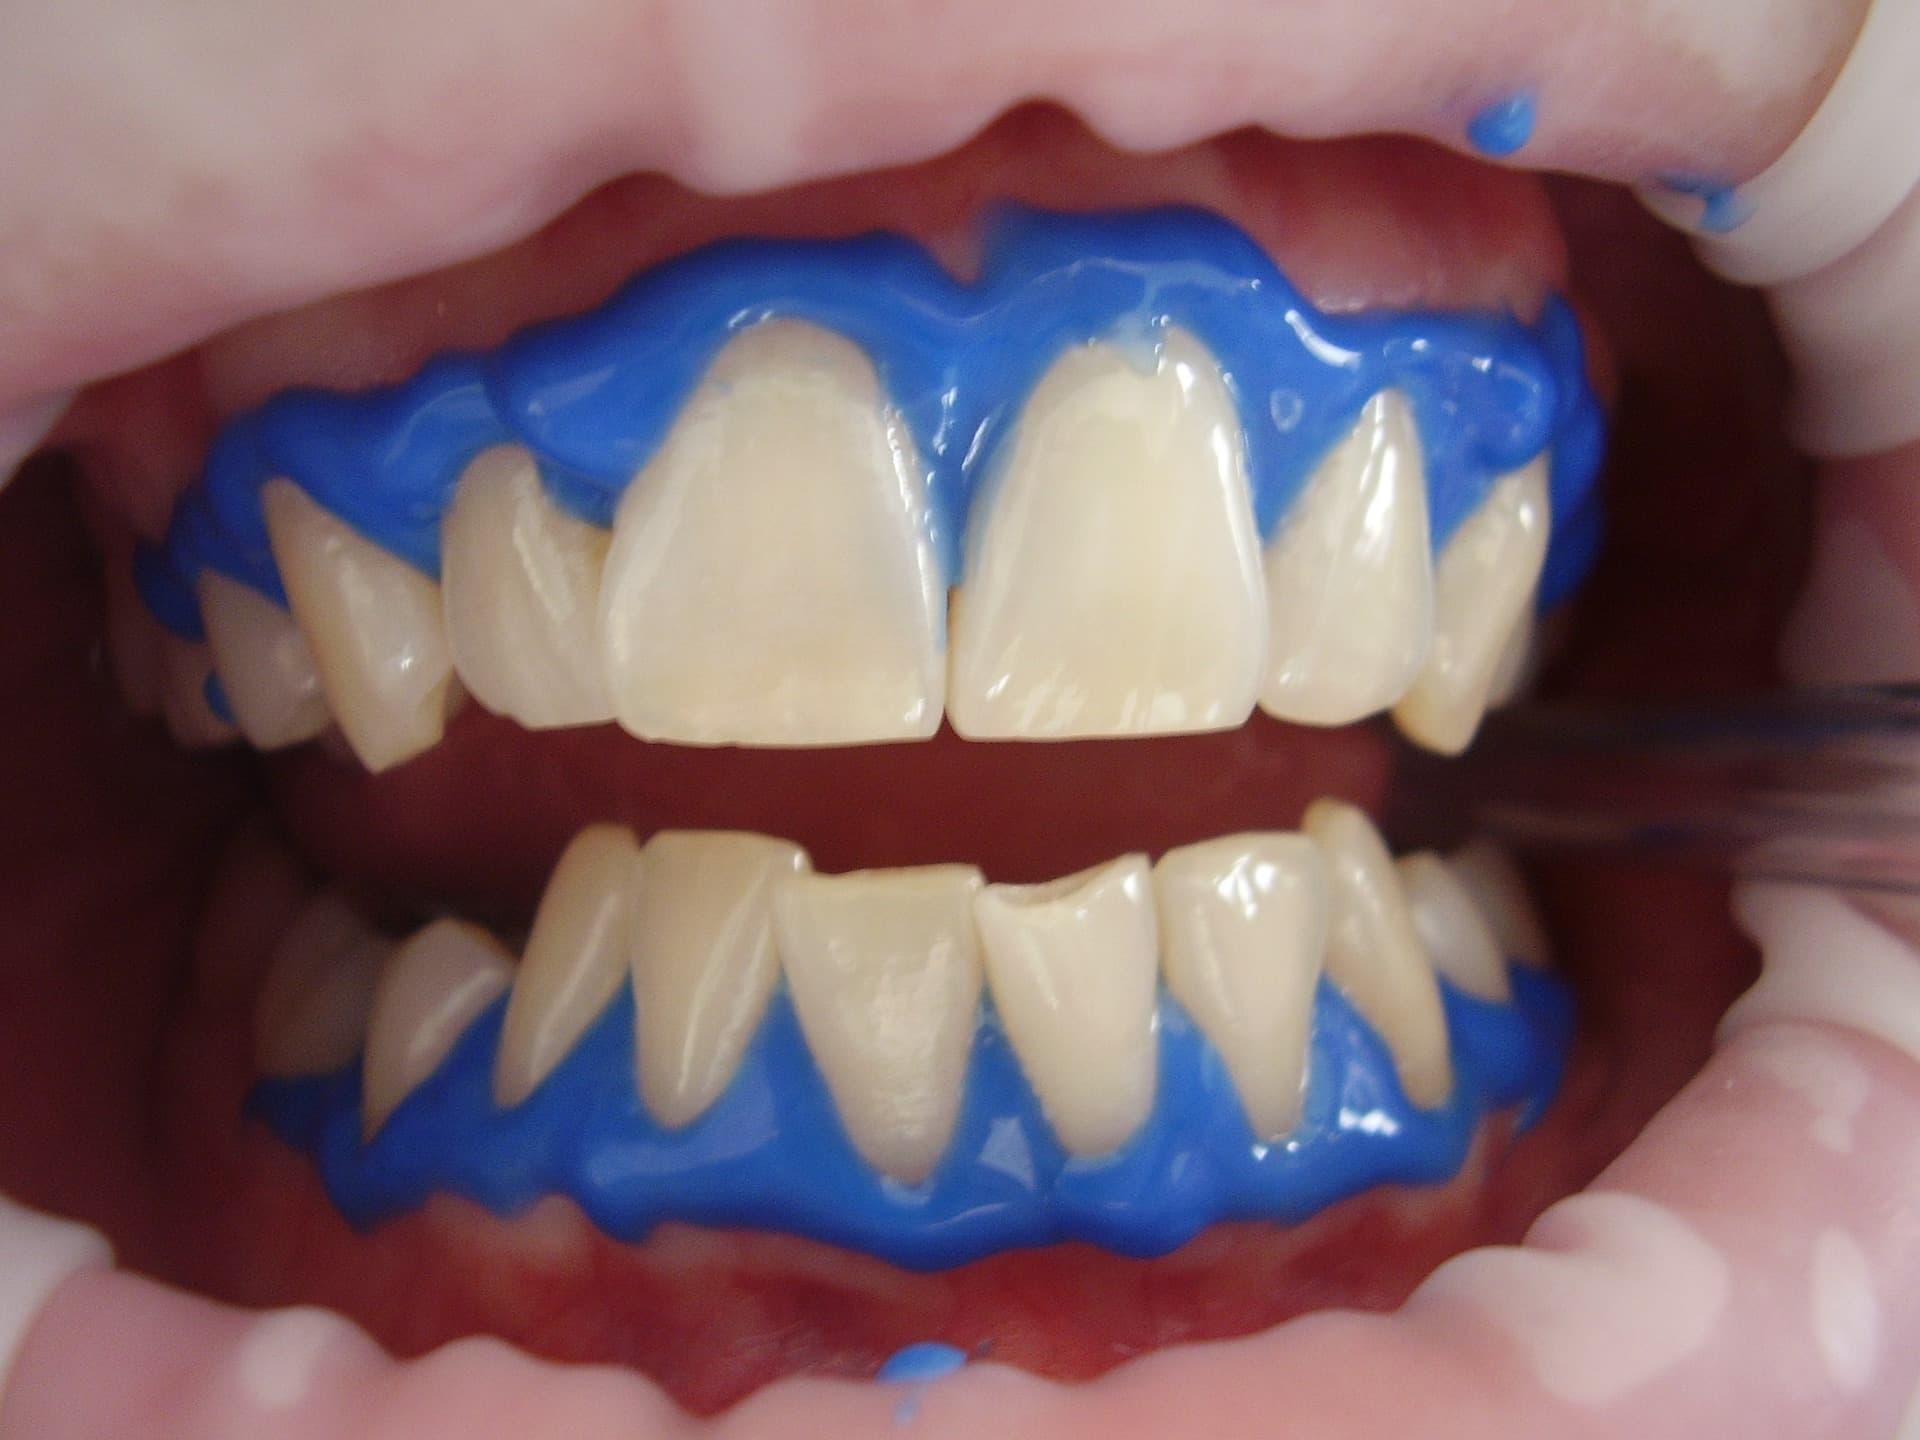 冷光美白的過程中會塗上牙齦保護劑,免於牙齦受到美白藥劑的刺激傷害。(圖/Pixabay)